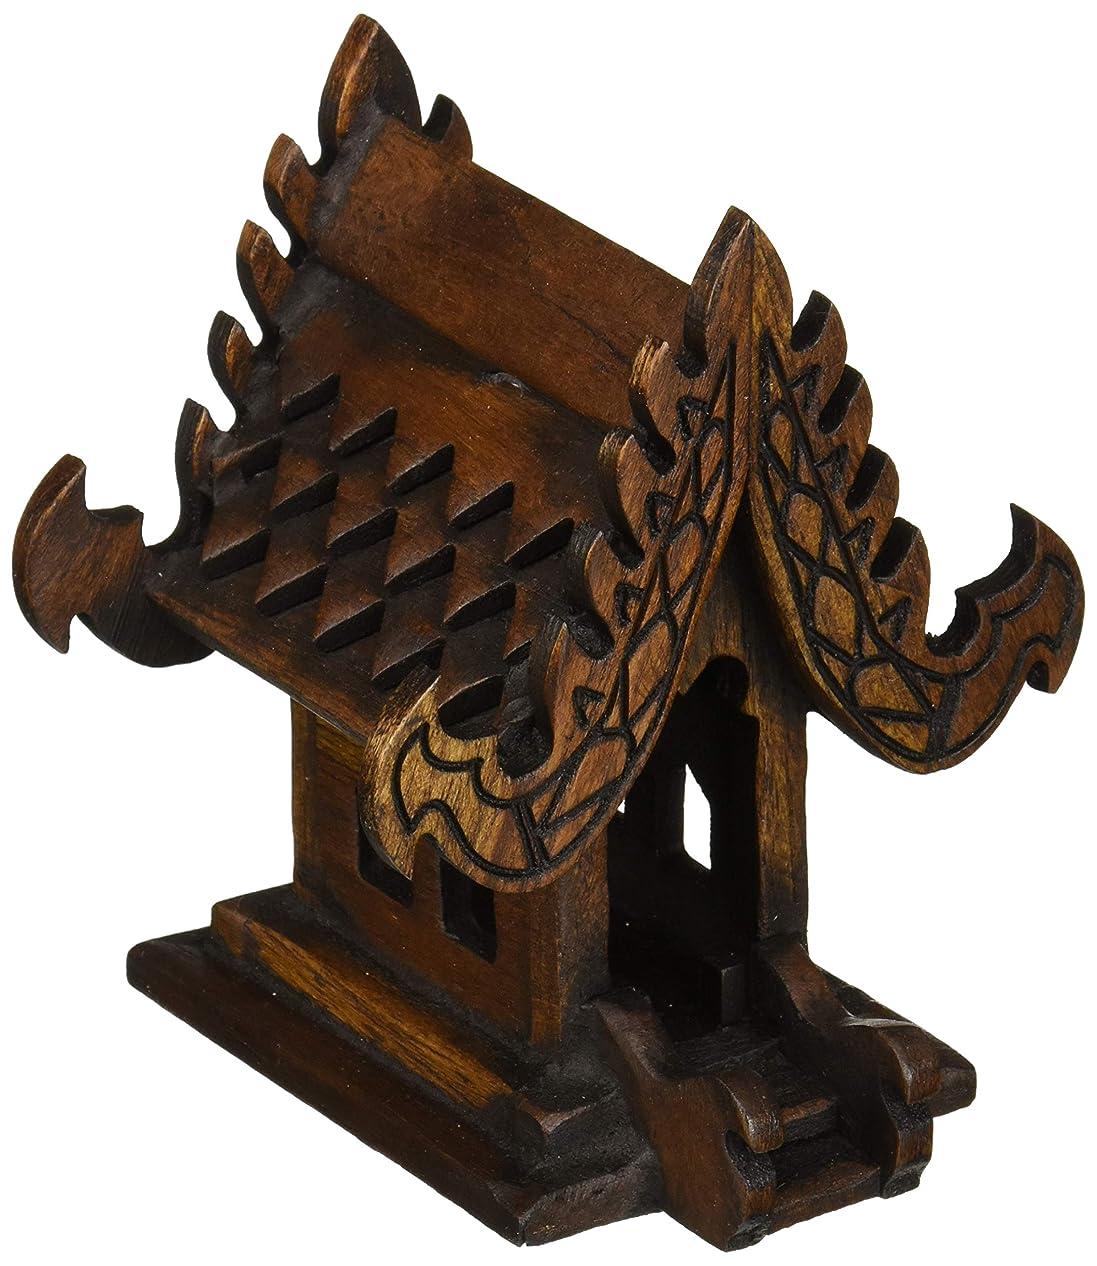 水分動物赤デザインunseenthailandタイ仏教でハンドメイドチーク材木製Spirit家。 W4